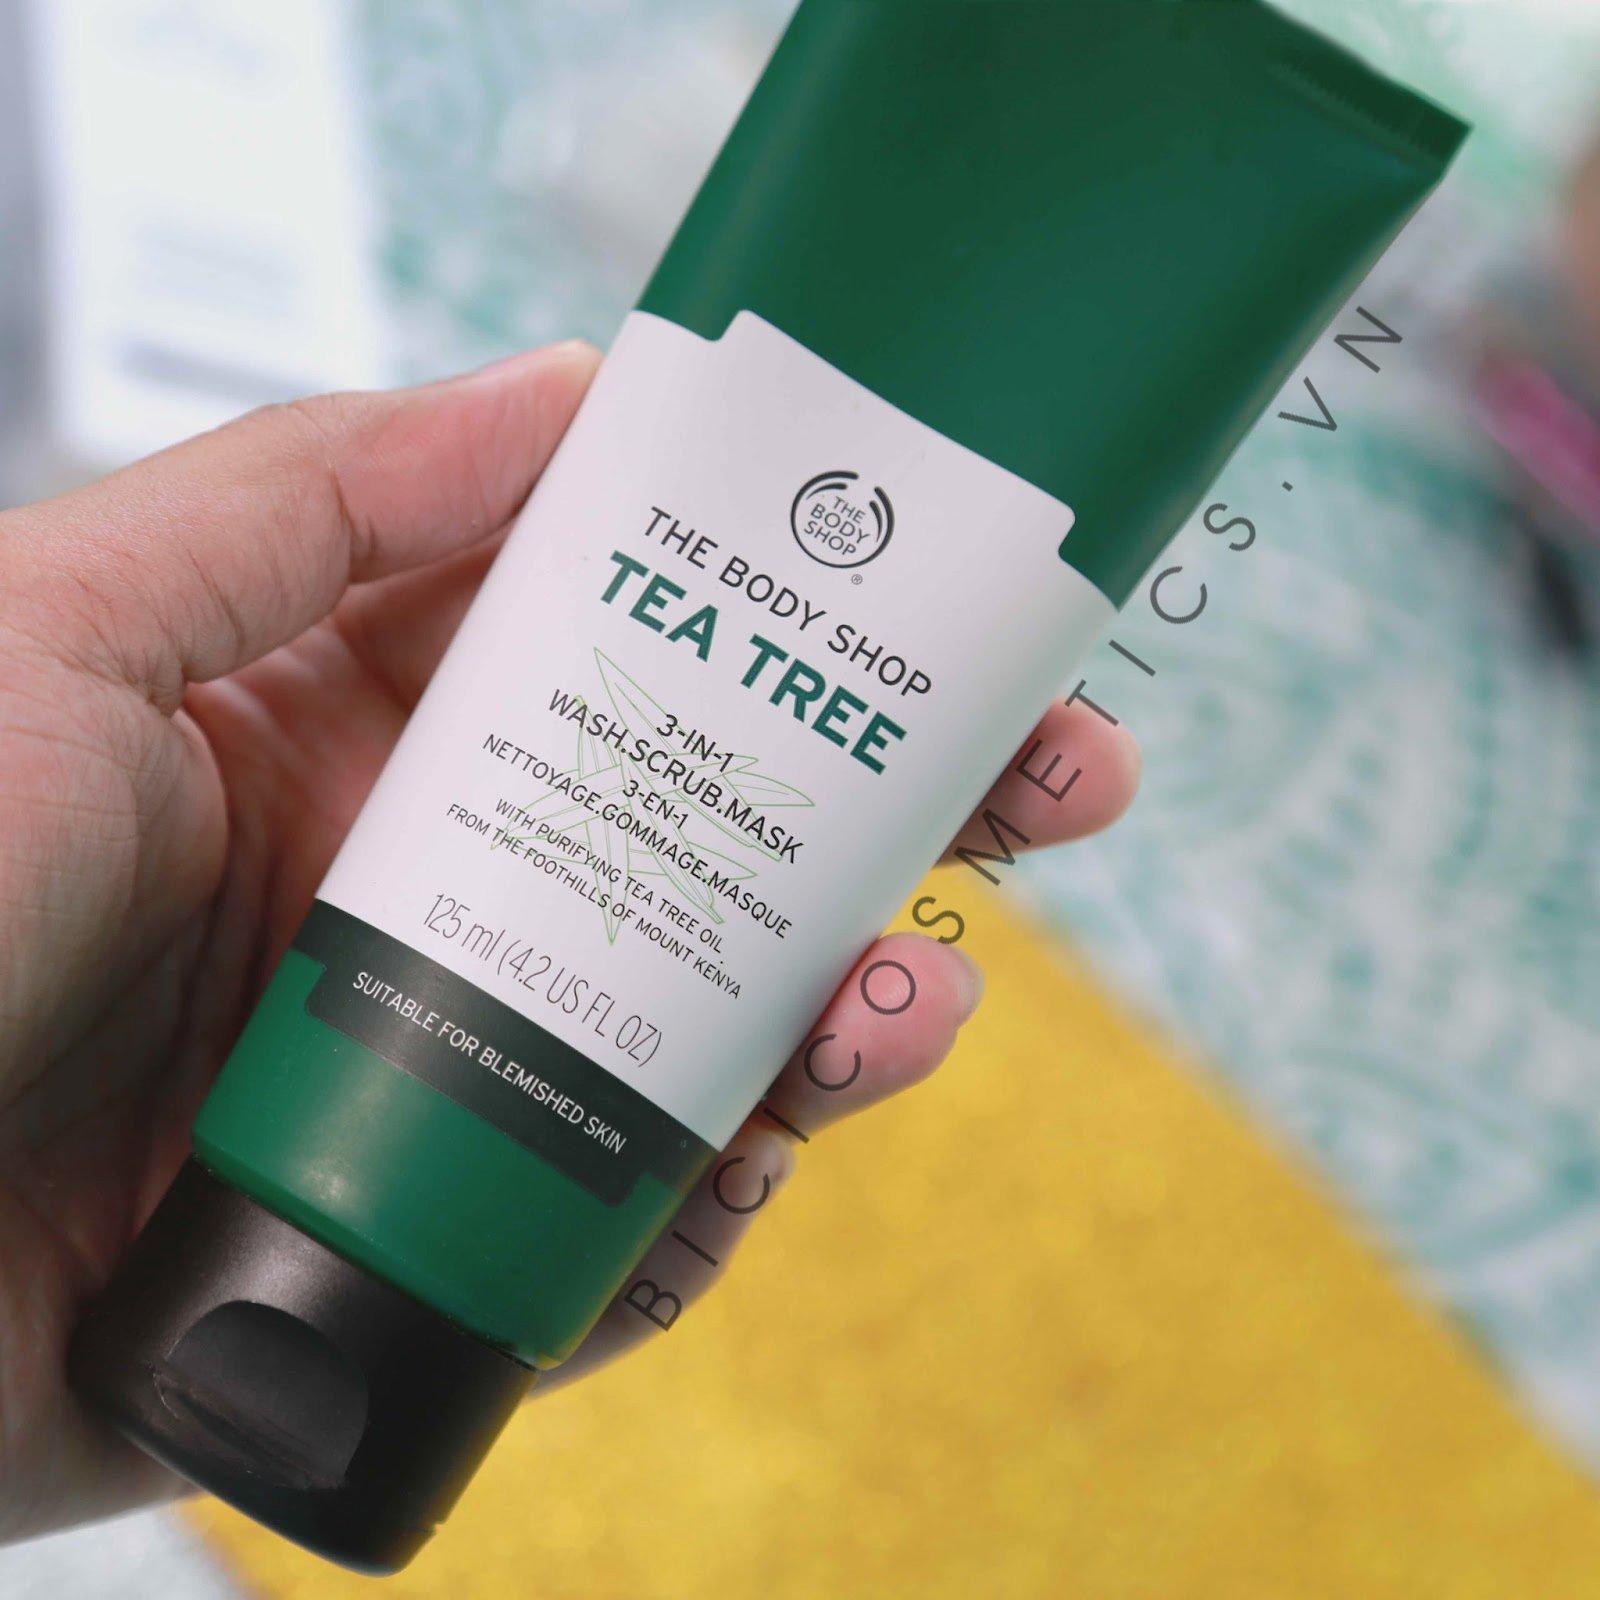 Tea Tree3-In-1 Wash Scrub Mask -bicicosmetics